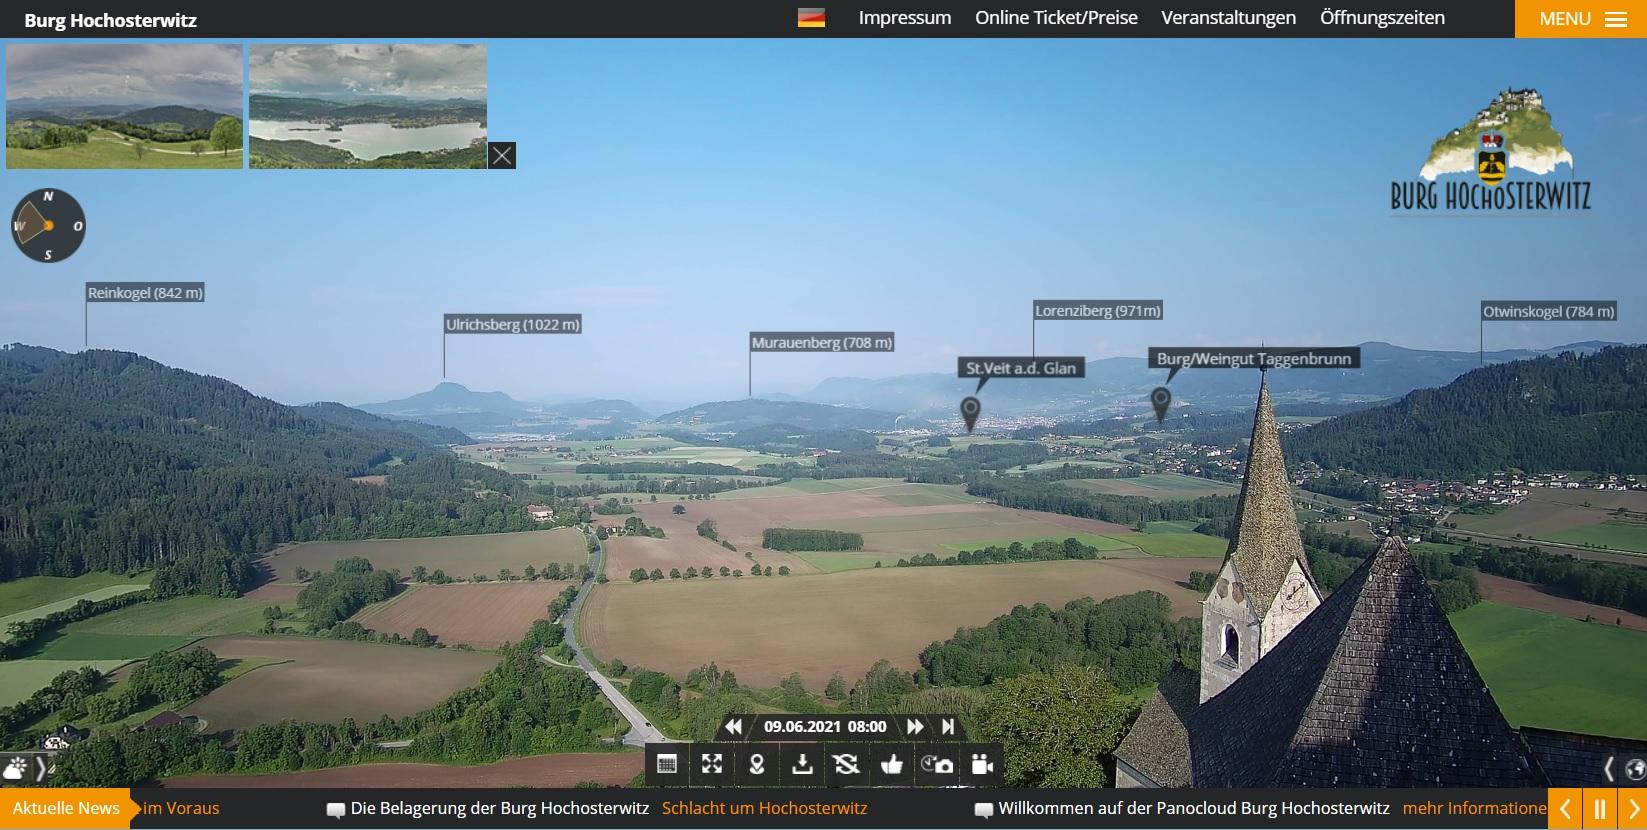 Panoramaaussicht_von_Burg_Hochosterwitz